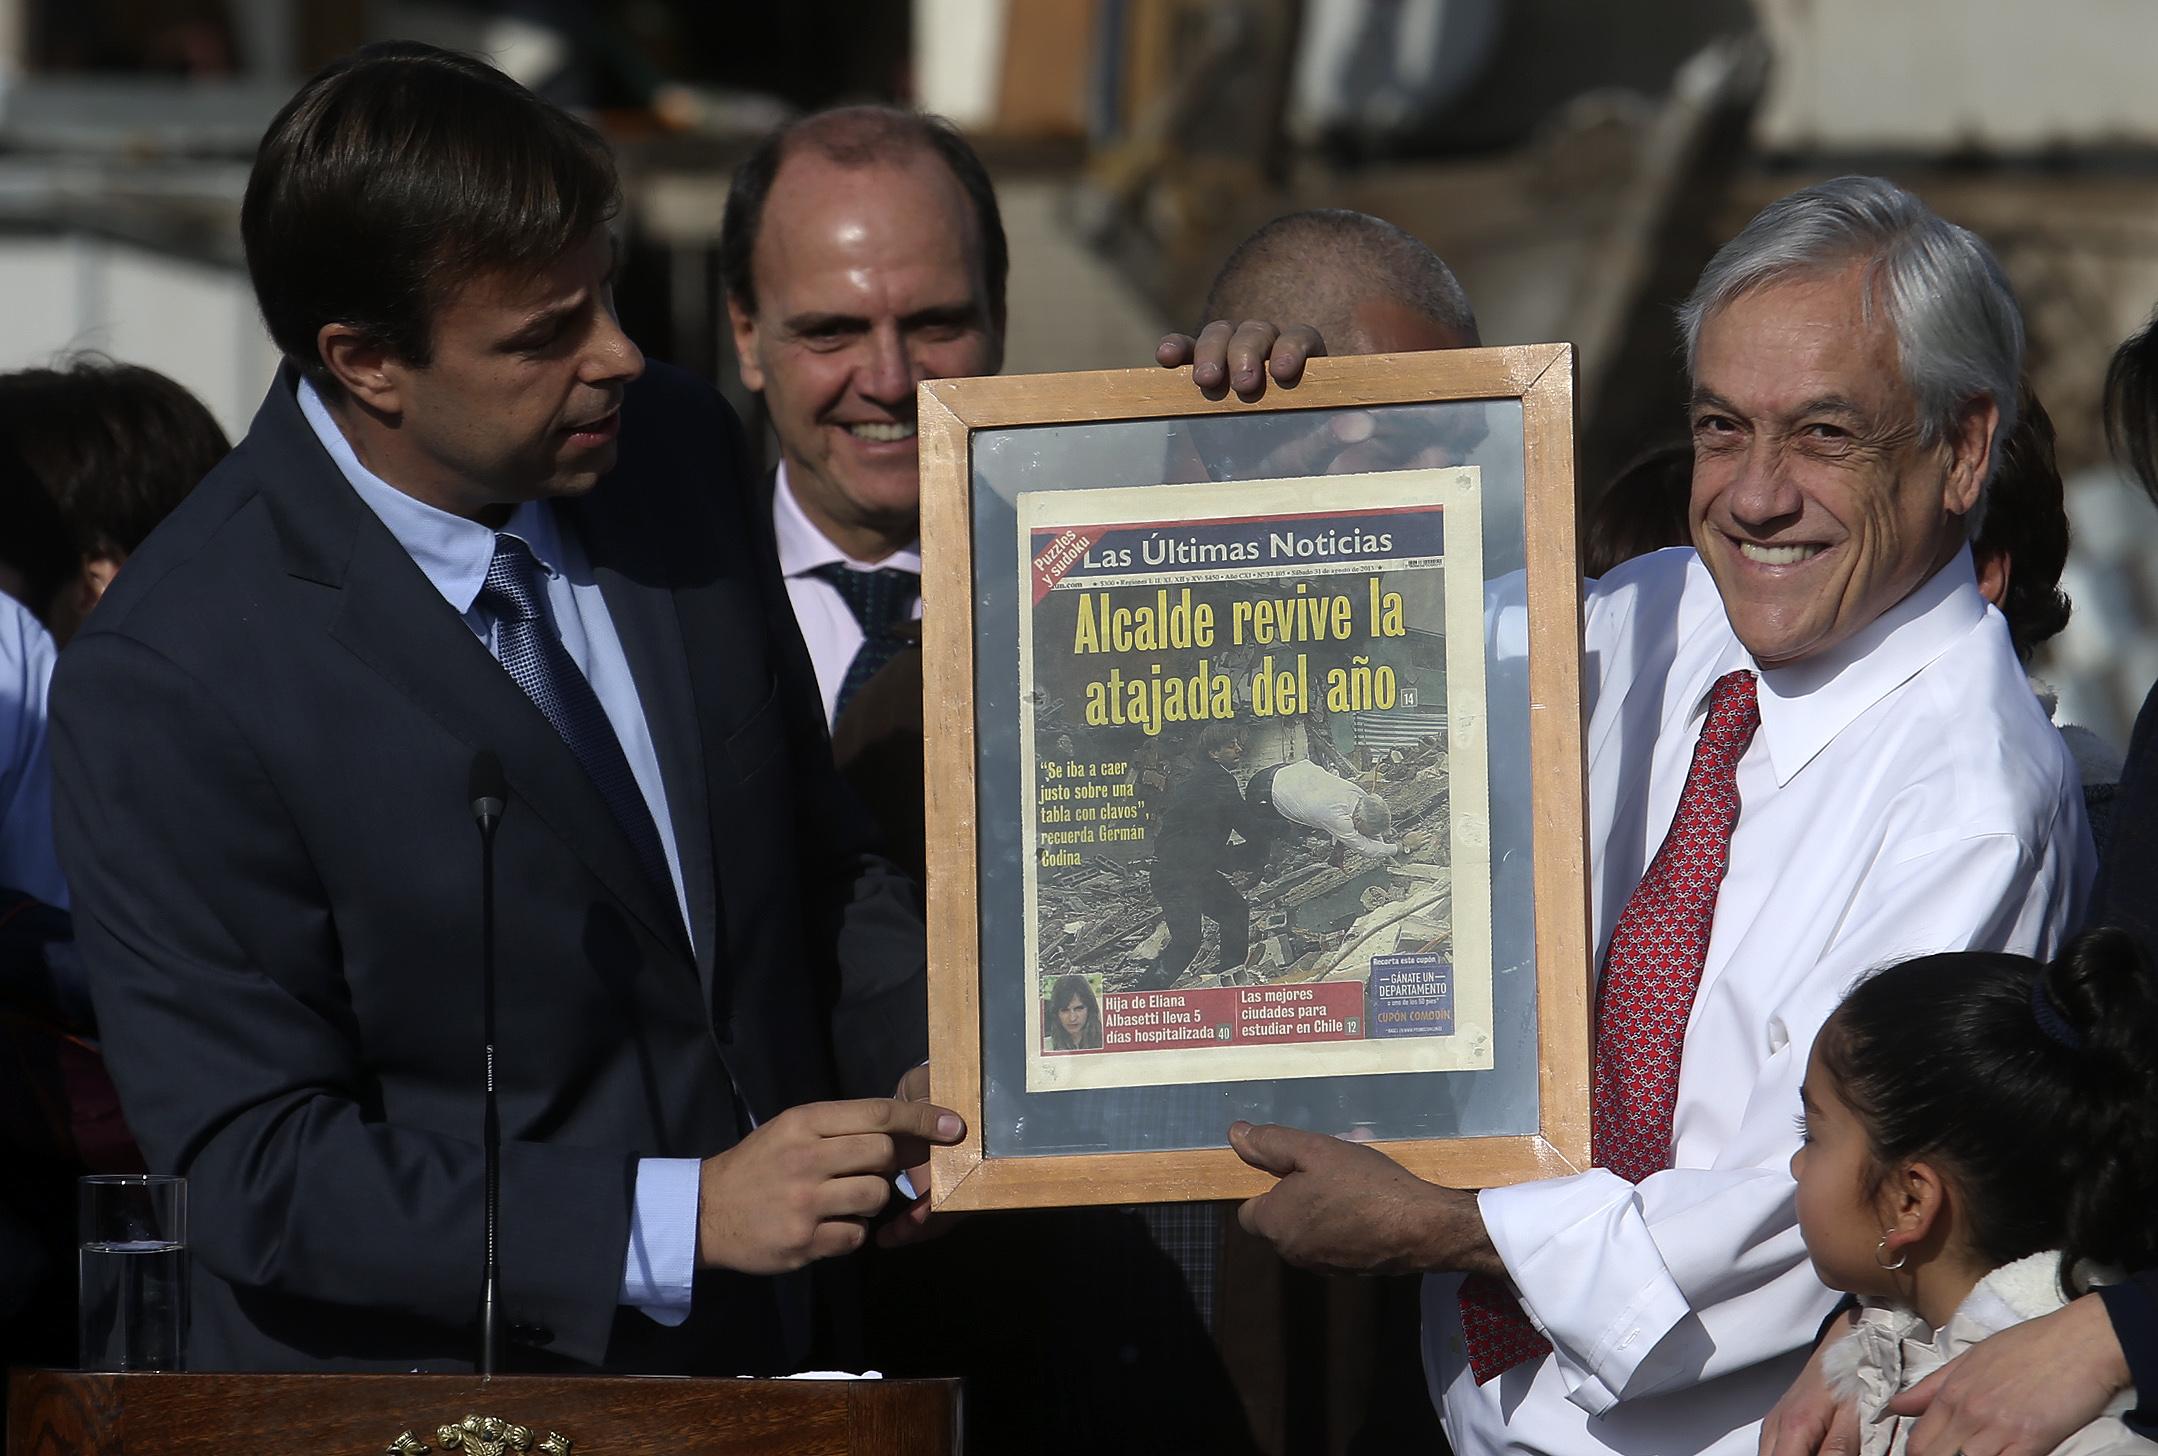 """""""VIDEOS   Alcalde Codina le recordó a Piñera su mítico porrazo durante acto oficial en Bajos de Mena"""""""